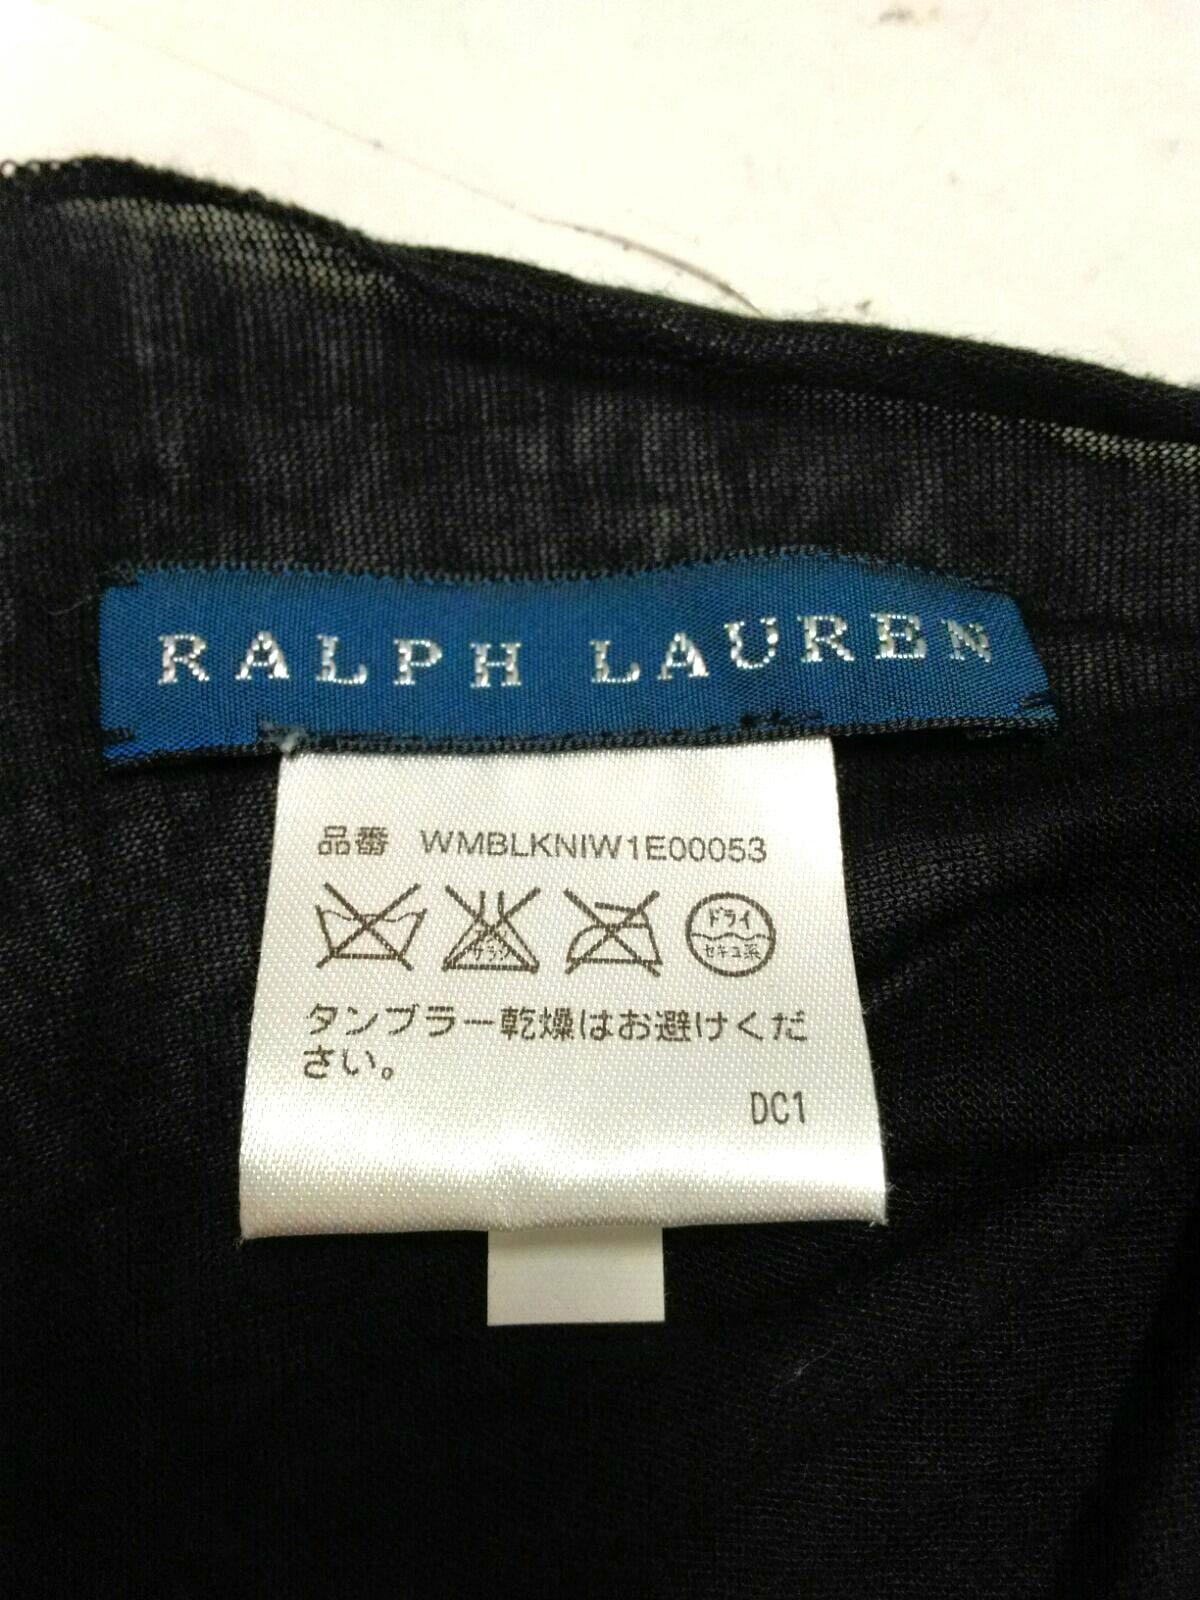 RalphLauren(ラルフローレン)のマフラー